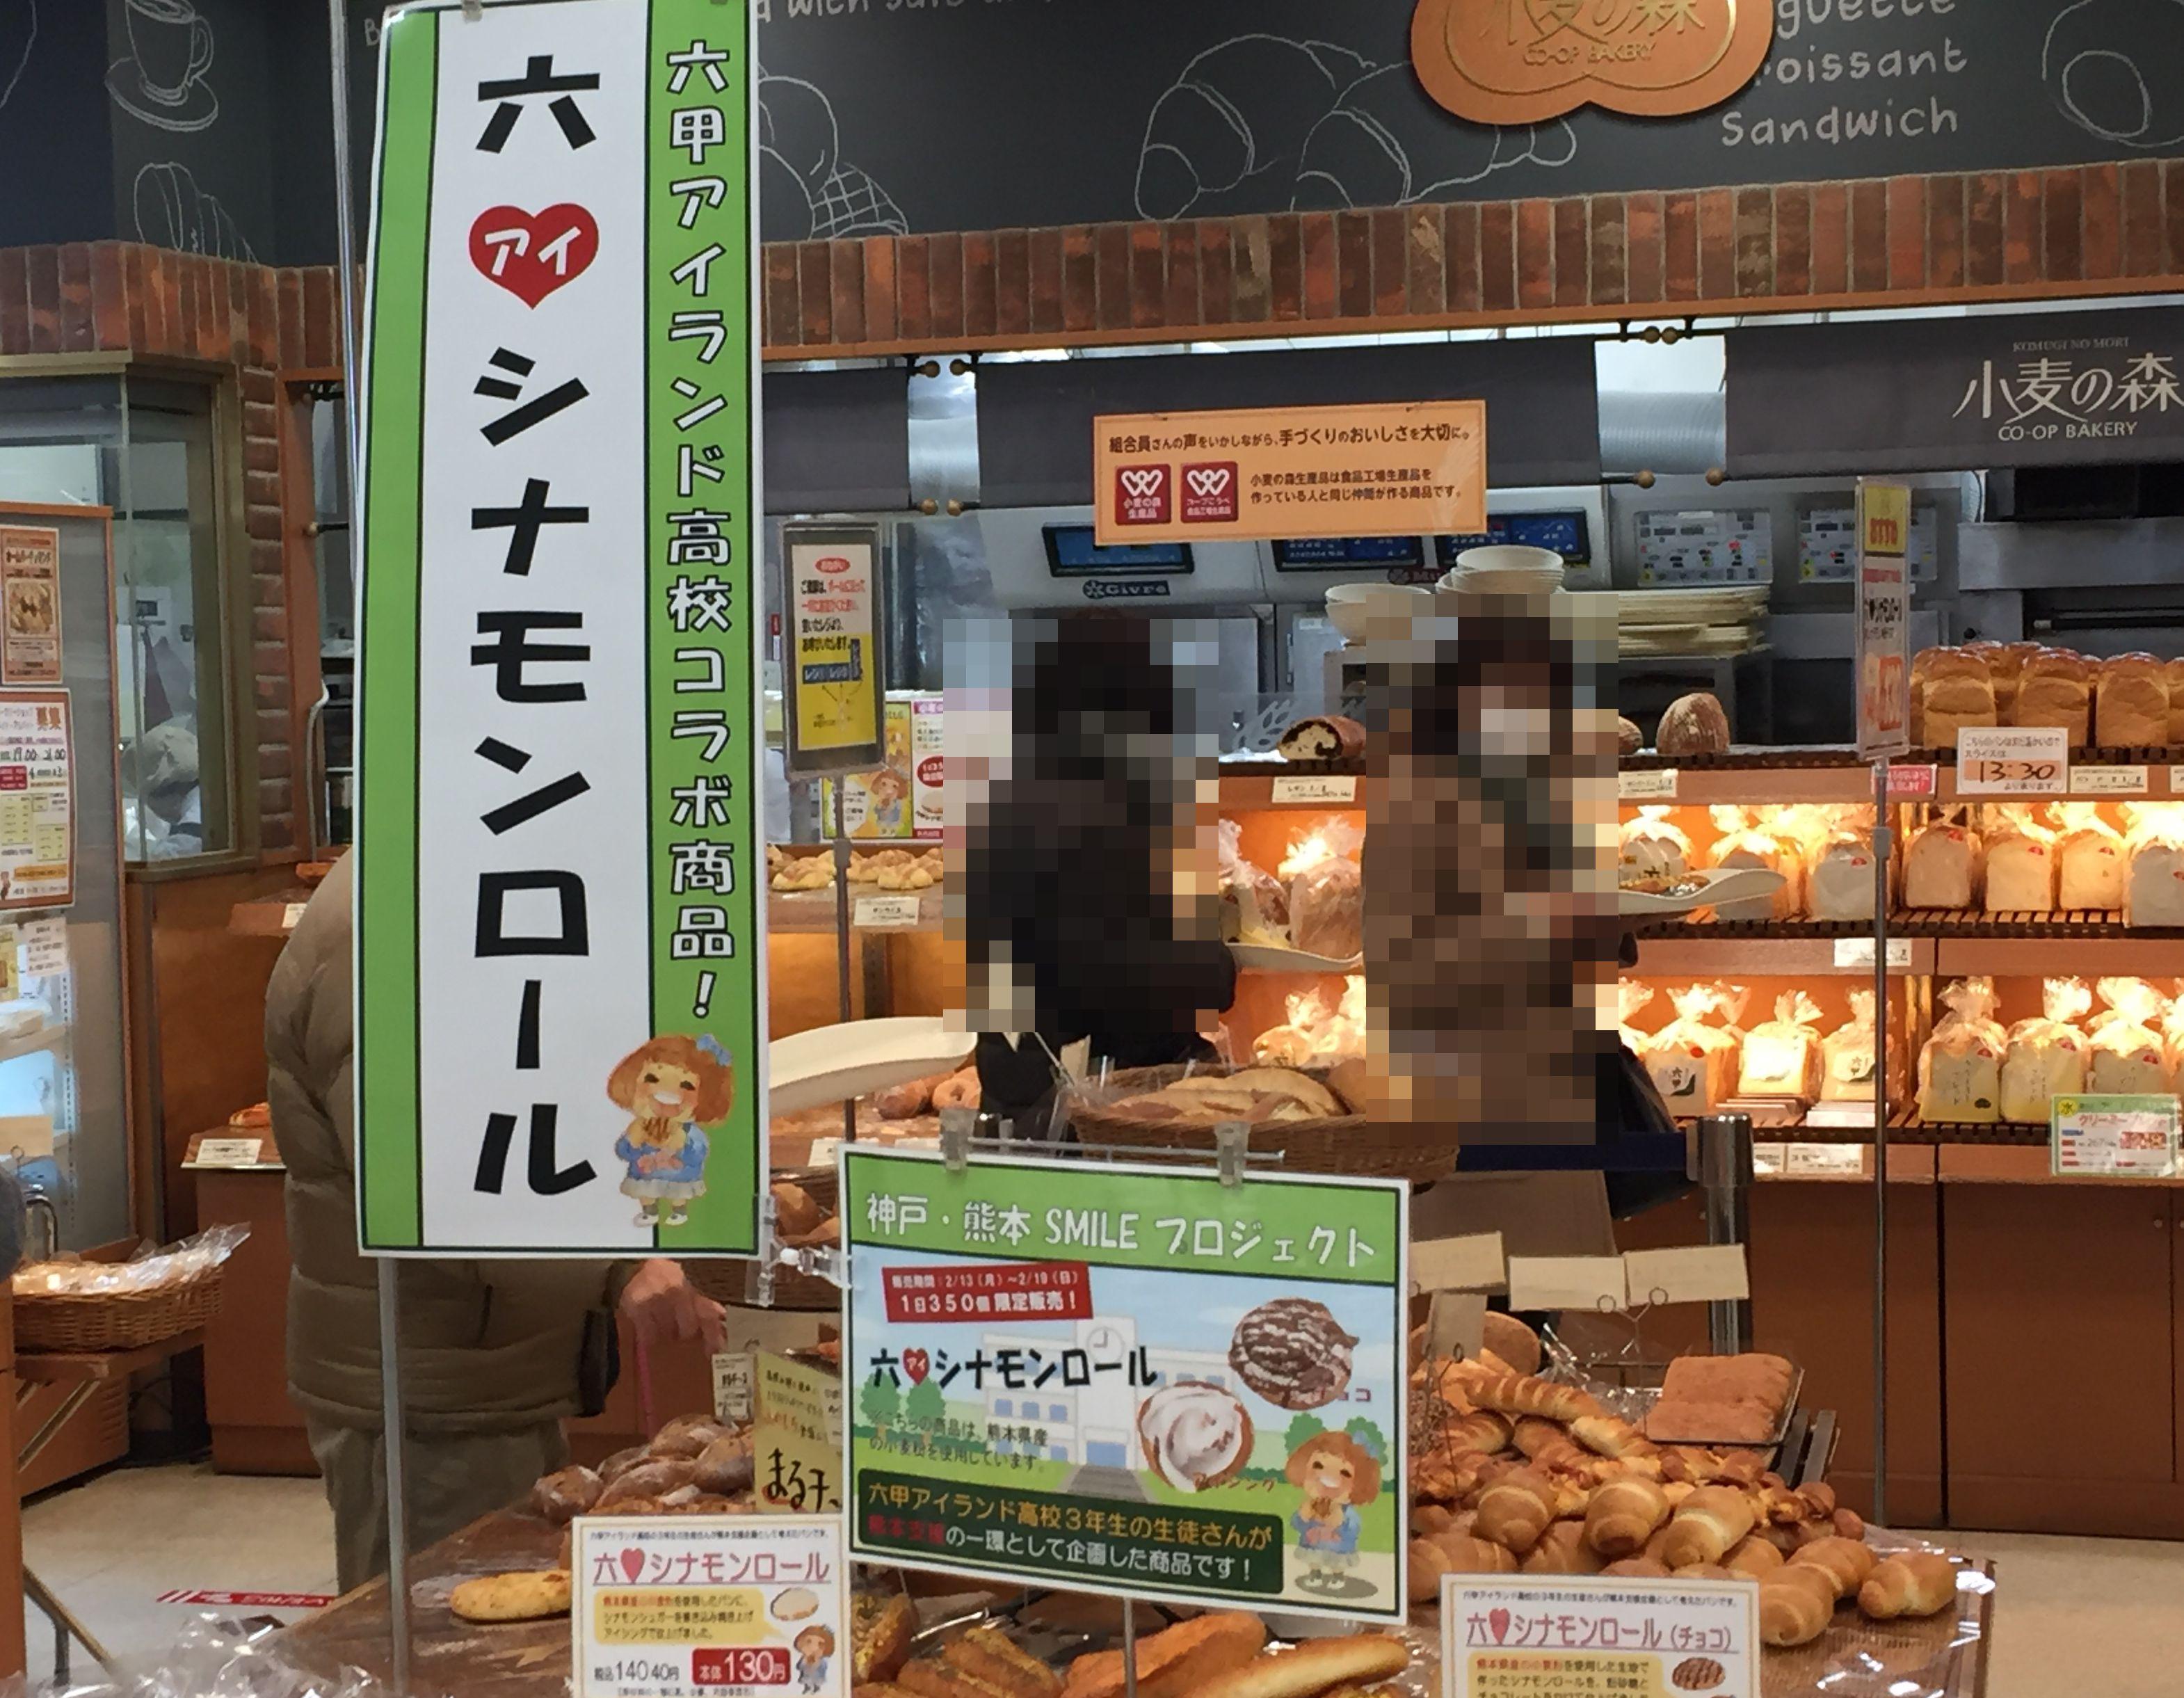 神戸・JR住吉のシーアで六甲アイランド高校の3年生が企画した「六アイシナモンロール」が限定販売されてるよ【※写真付レポ】